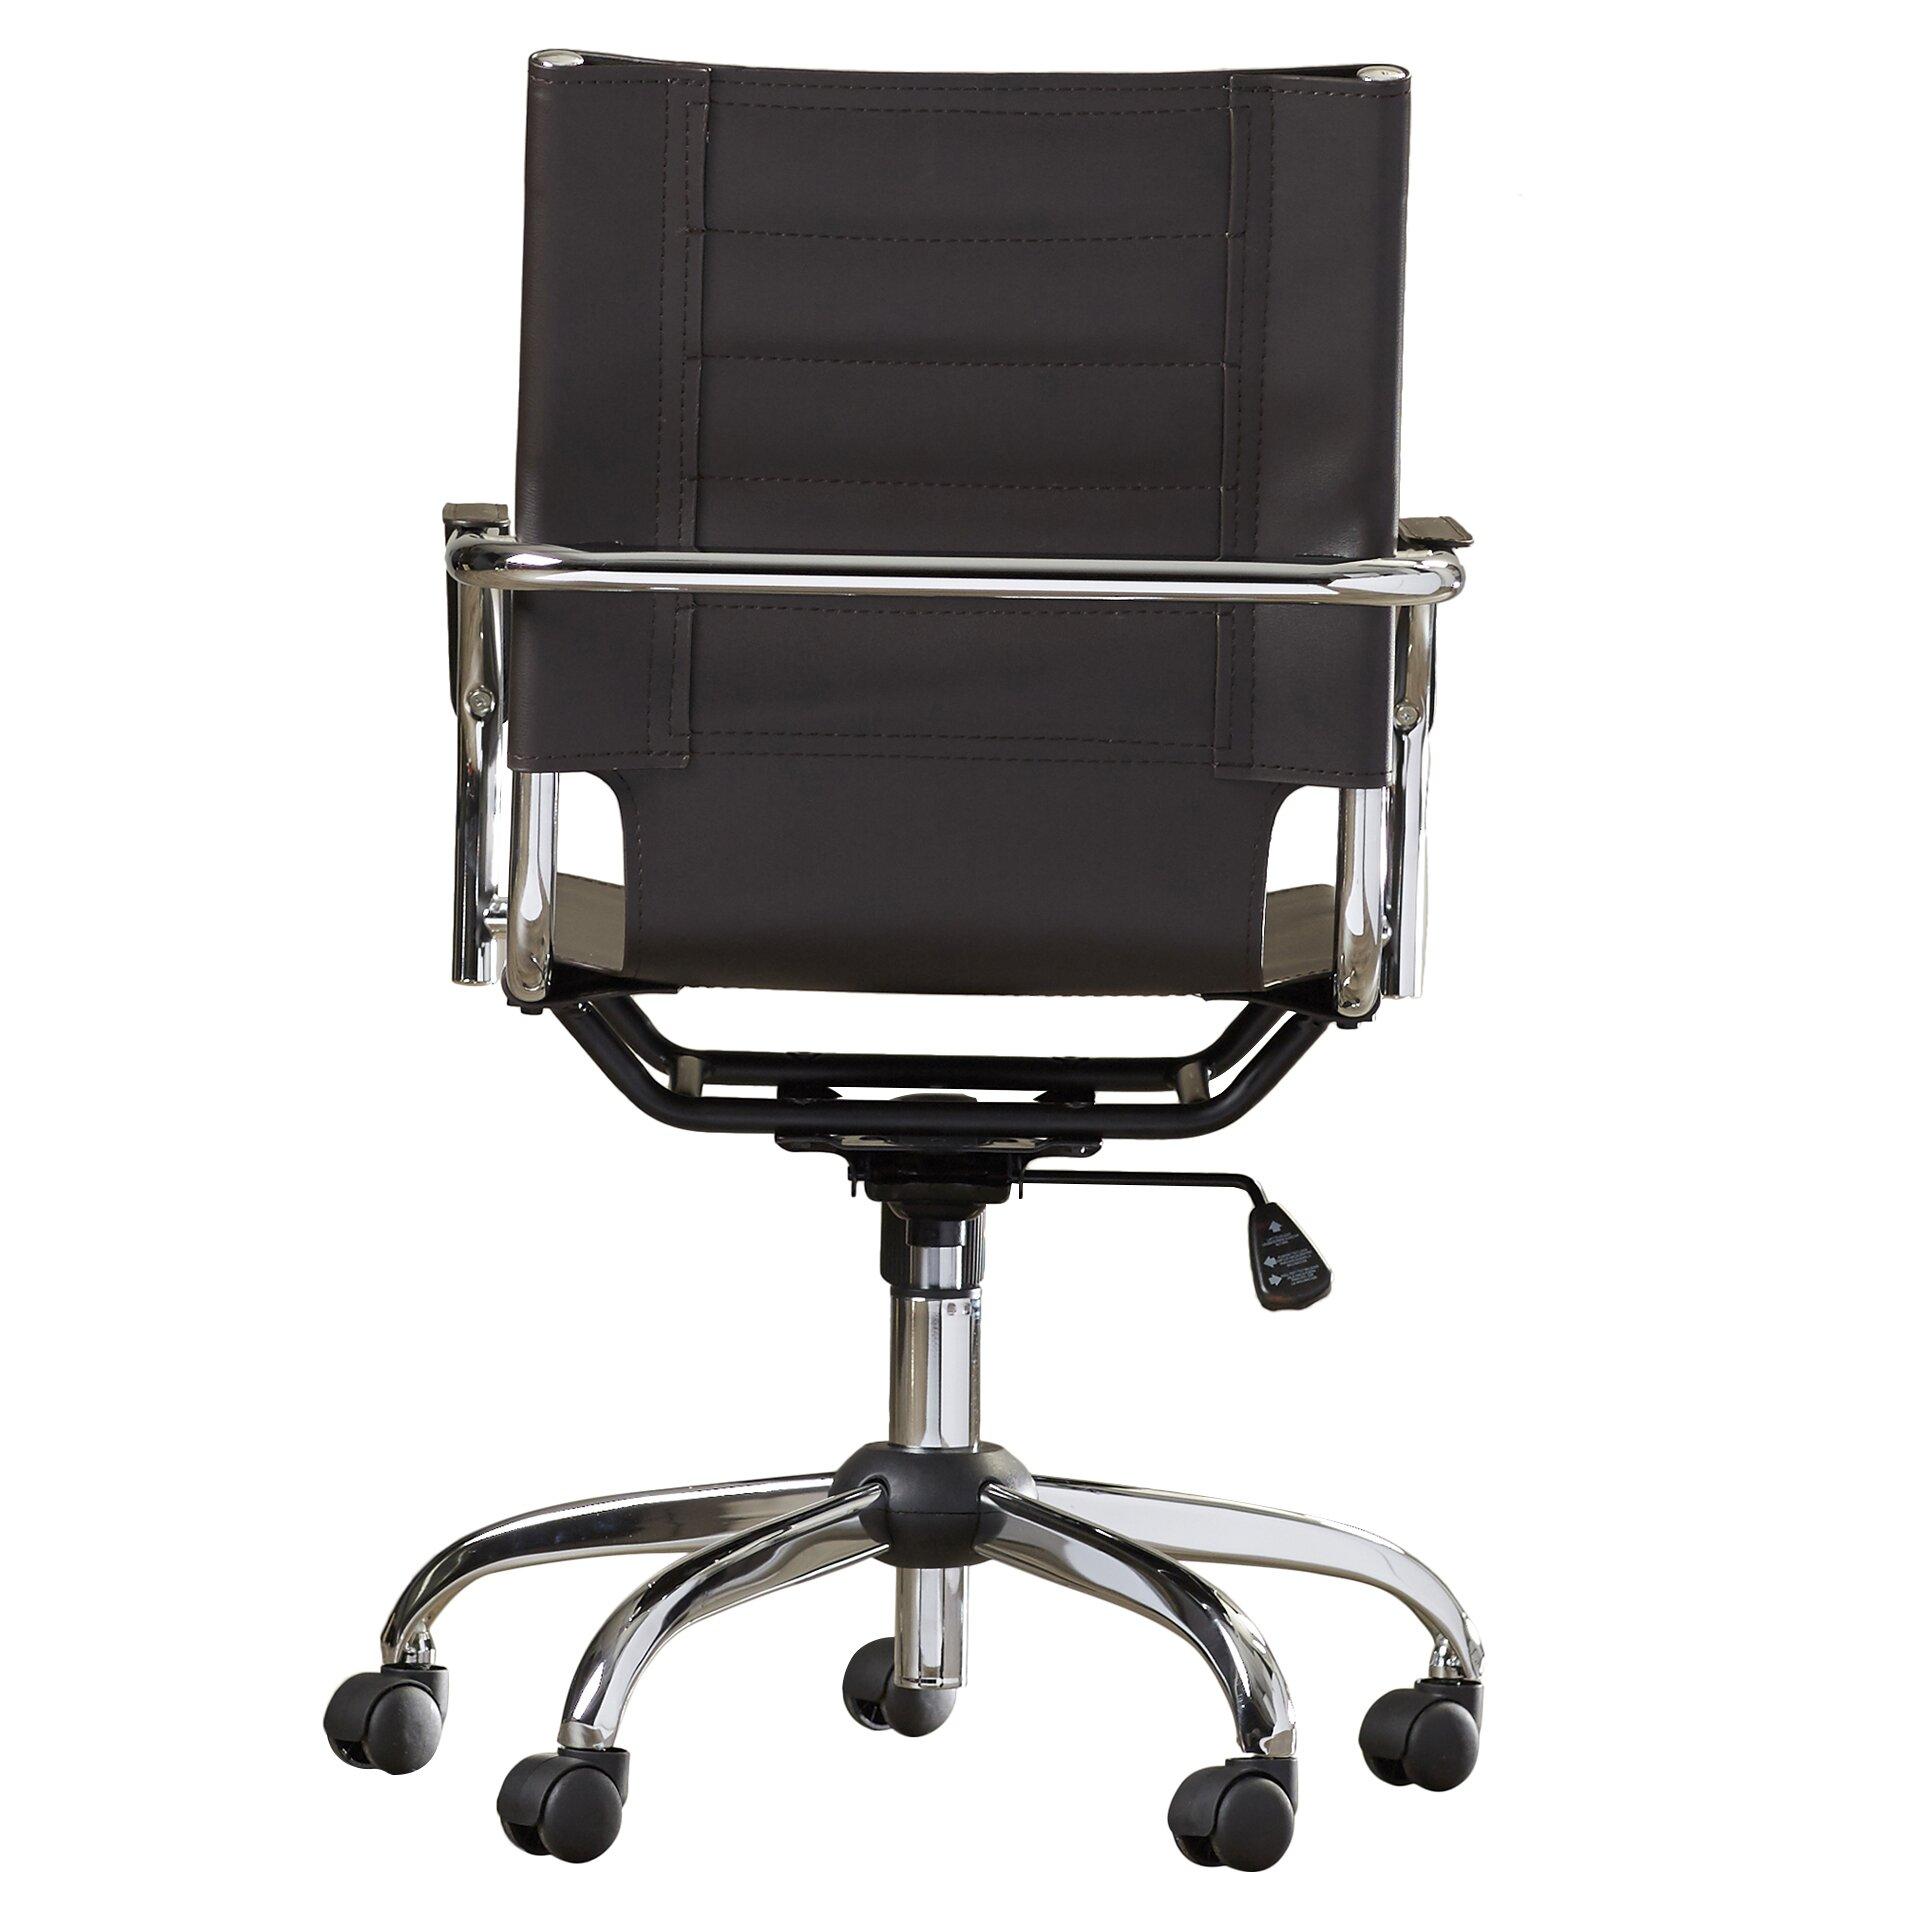 Varick Gallery Bloomingdale Mid Back Desk Chair Reviews Wayfair